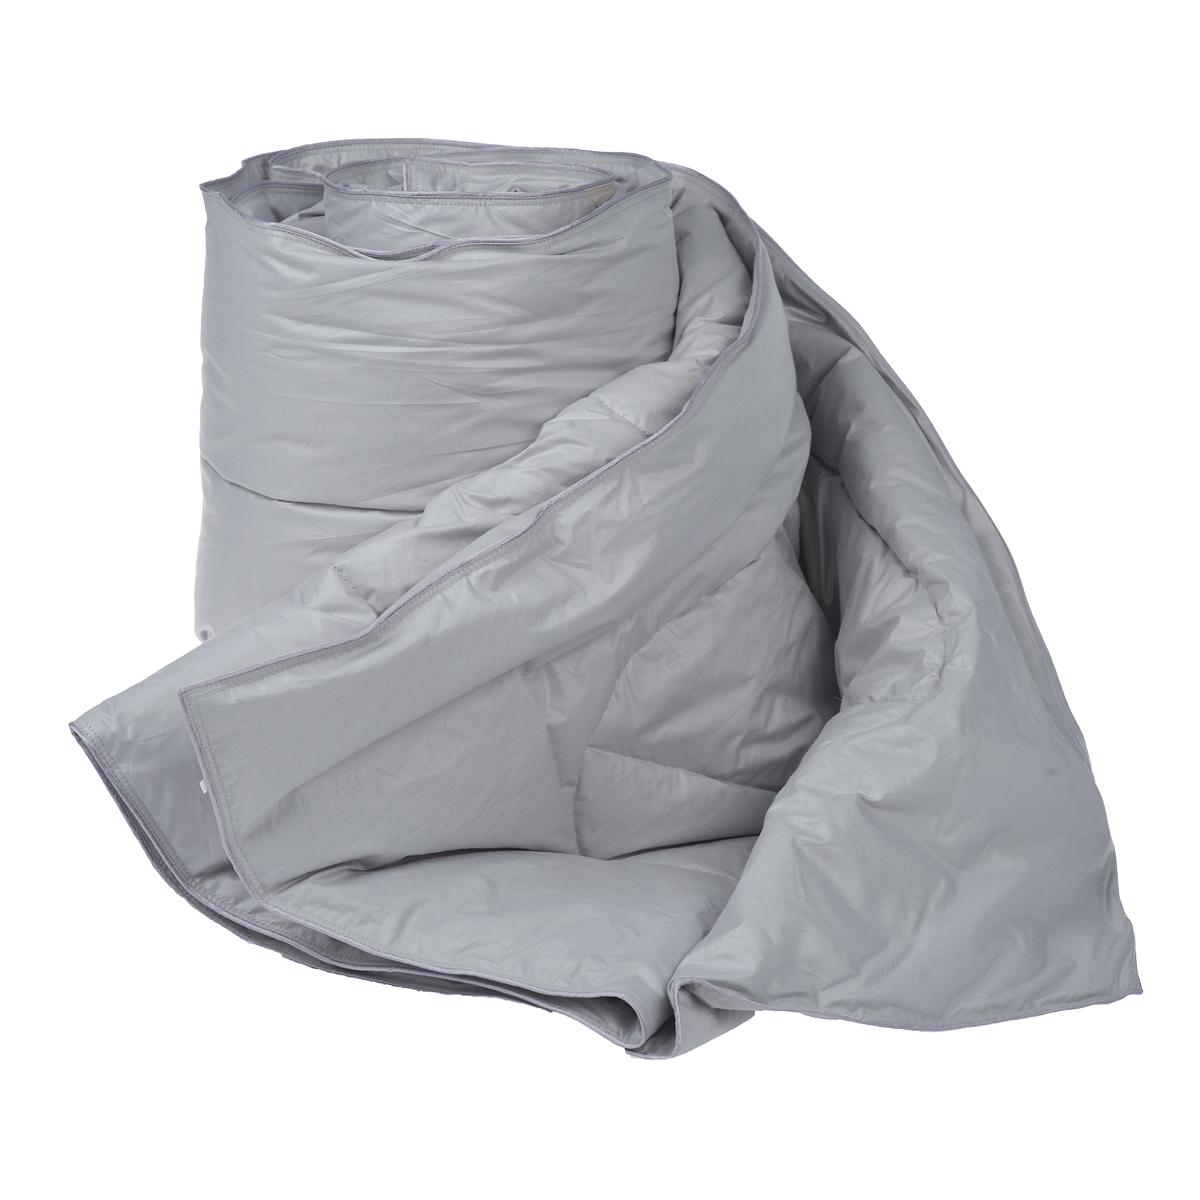 Одеяло Dargez Богемия, наполнитель: пух категории Экстра, цвет: серый, 140 х 205 смS03301004Одеяло Dargez Богемия подарит комфорт и уют во время сна. Чехол одеяла выполнен из пуходержащего гладкокрашеного батиста с обработкой ионами серебра. Ткань с ионами серебра благотворно воздействует на кожу, оказывает расслабляющее действие для организма человека, имеет устойчивый антибактериальный эффект. Уникальная запатентованная стежка Bodyline® по форме повторяет тело человека, что помогает эффективно регулировать теплообмен различных частей организма и создать оптимальный микроклимат во время сна. Натуральное сырье, инновационные разработки и современные технологии - вот рецепт вашего крепкого сна. Изделия коллекции способны стать прекрасным подарком для людей, ценящих красоту и комфорт. Рекомендации по уходу: - Стирка при температуре не более 40°С. - Запрещается отбеливать, гладить, выжимать и сушить в стиральной машине. Материал чехла: батист пуходержащий (100% хлопок). Материал наполнителя: пух категории Экстра. Размер одеяла: 140 см х 205 см.